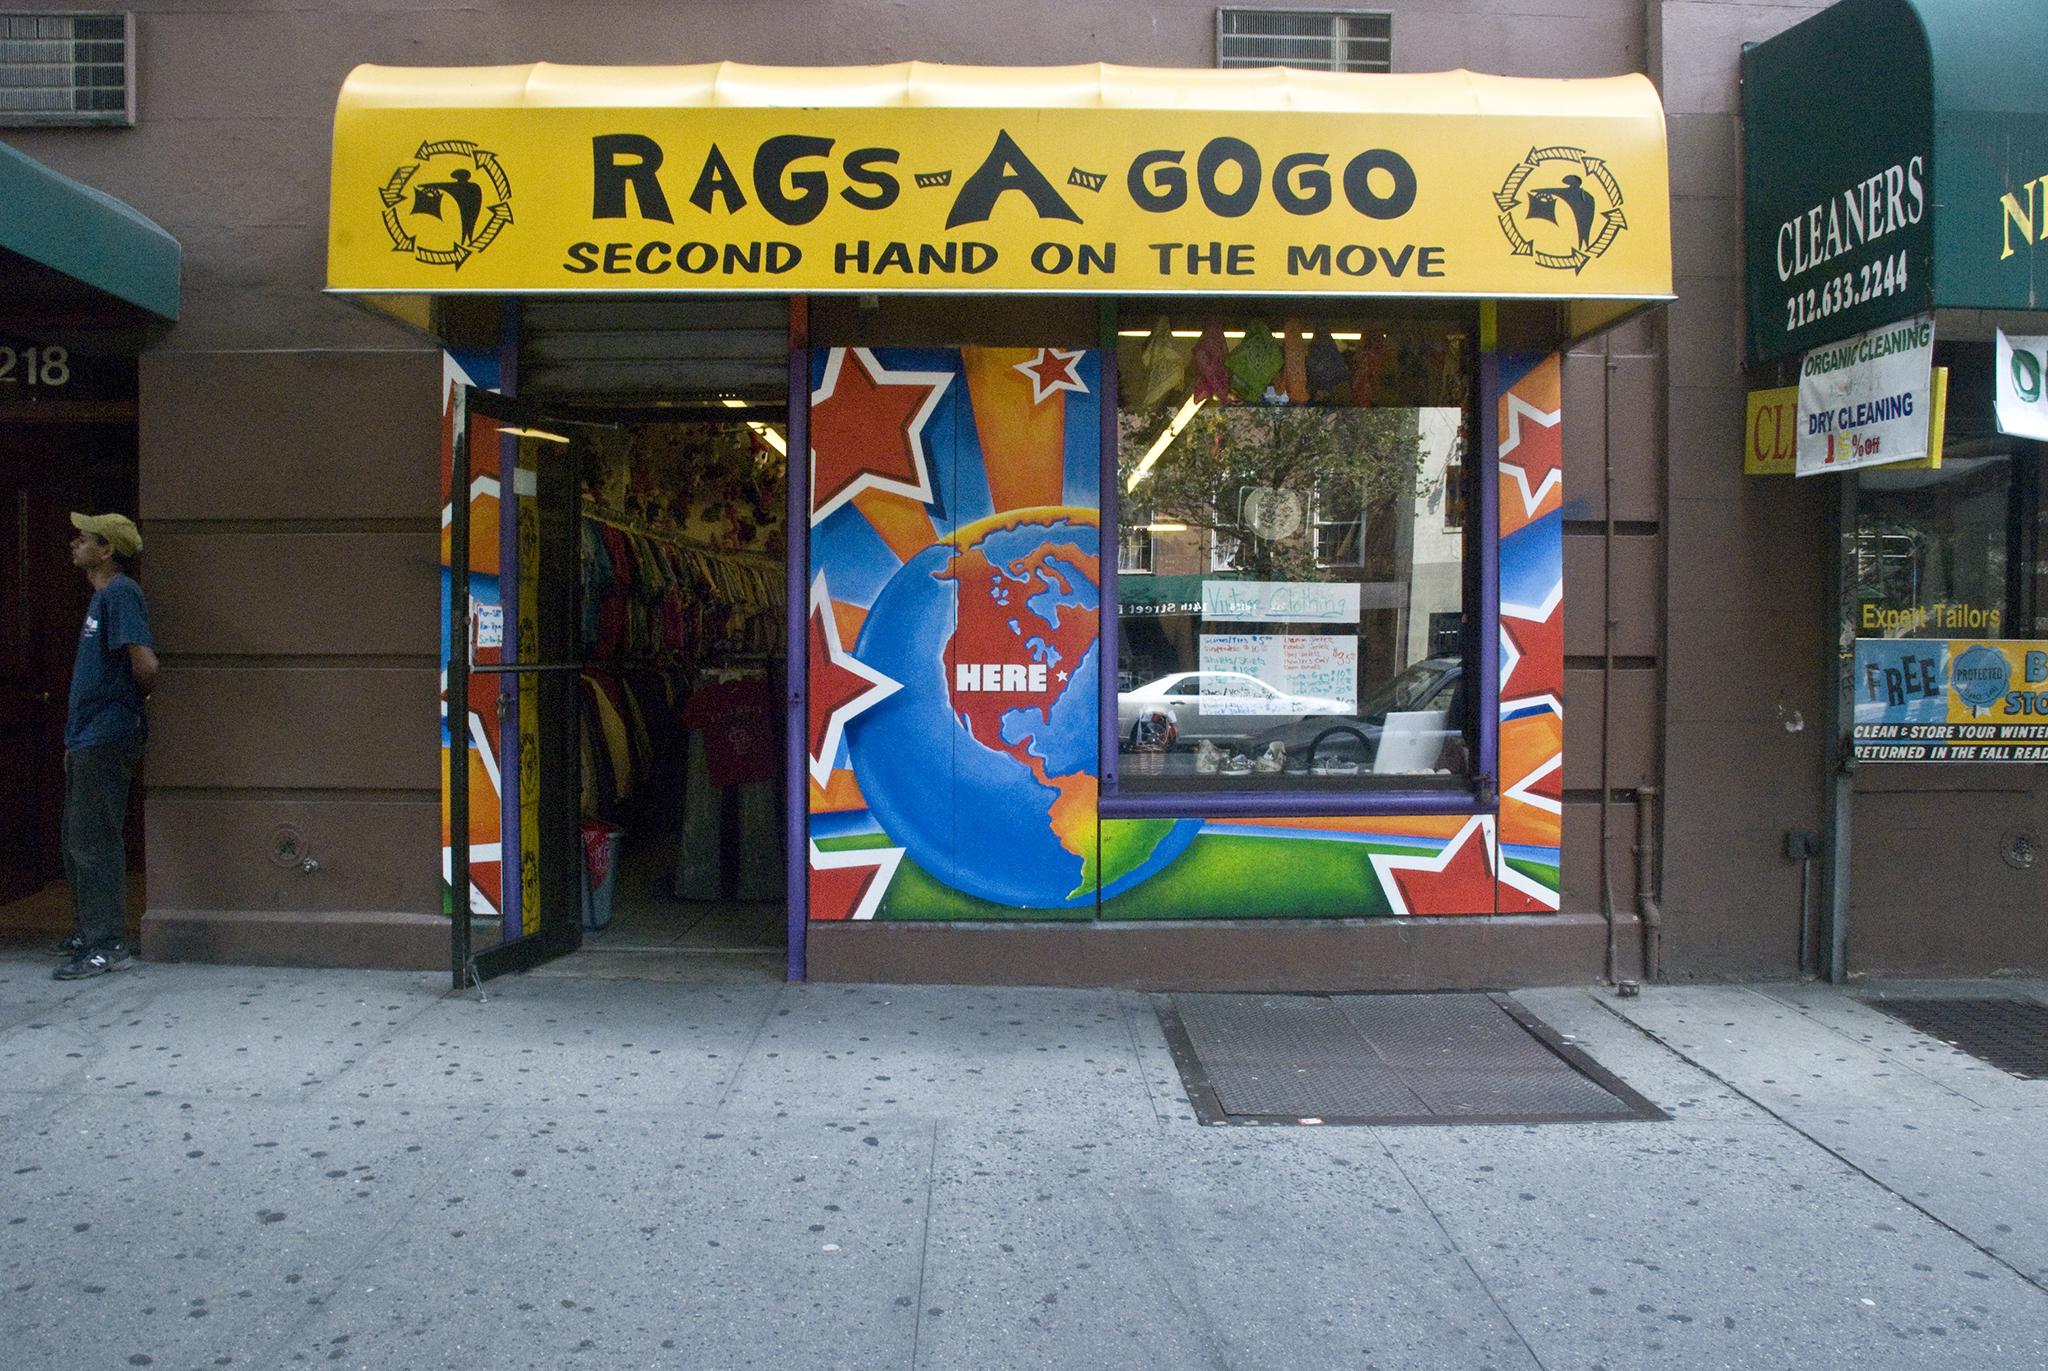 Rags-A-Gogo